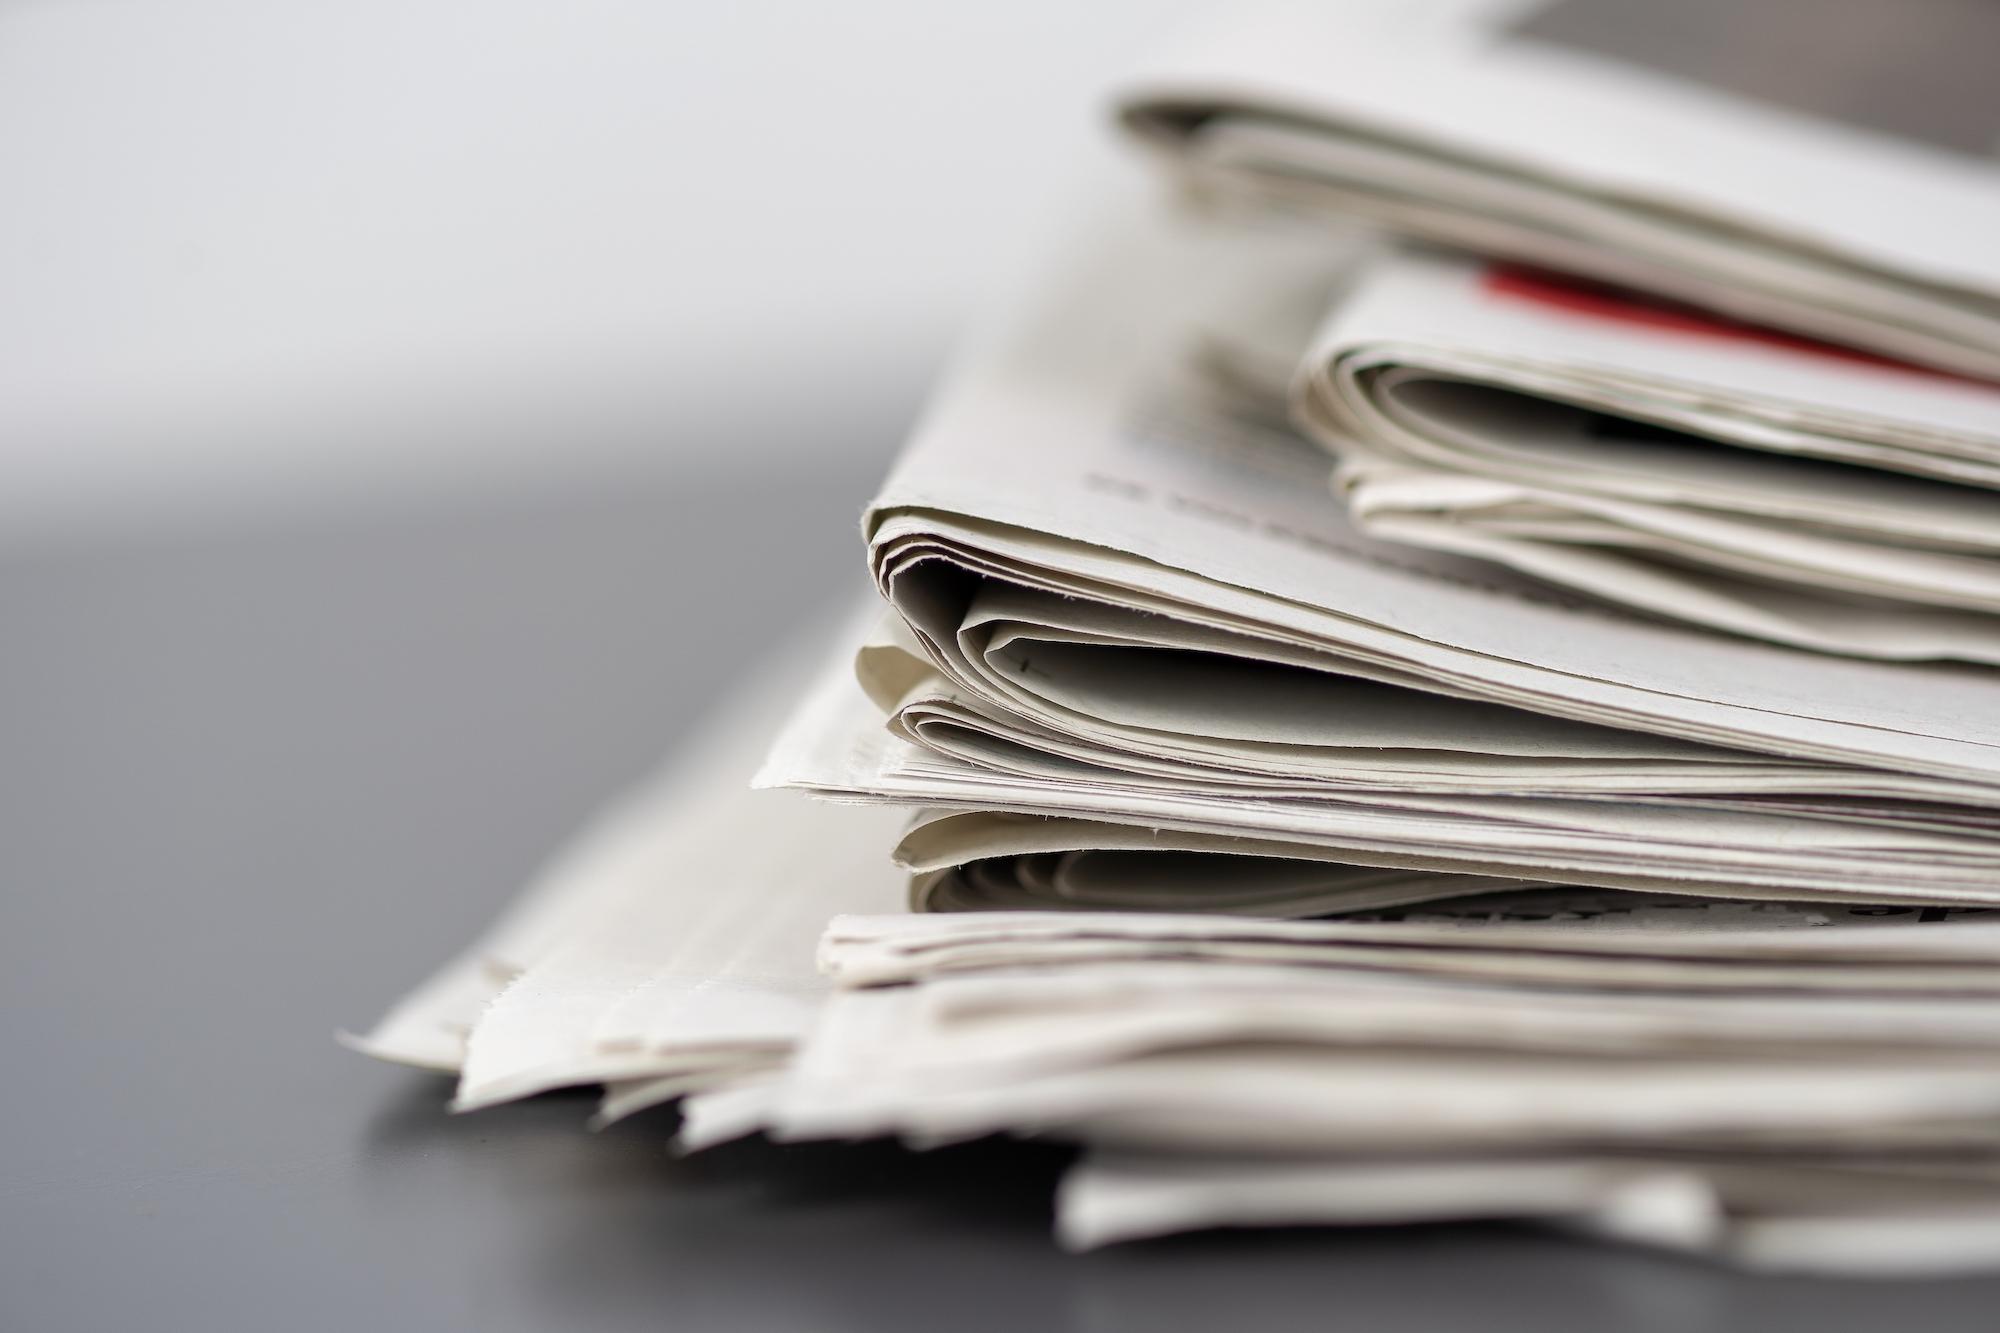 Rassegna stampa: su Il Piccolo il futuro di Irisacqua